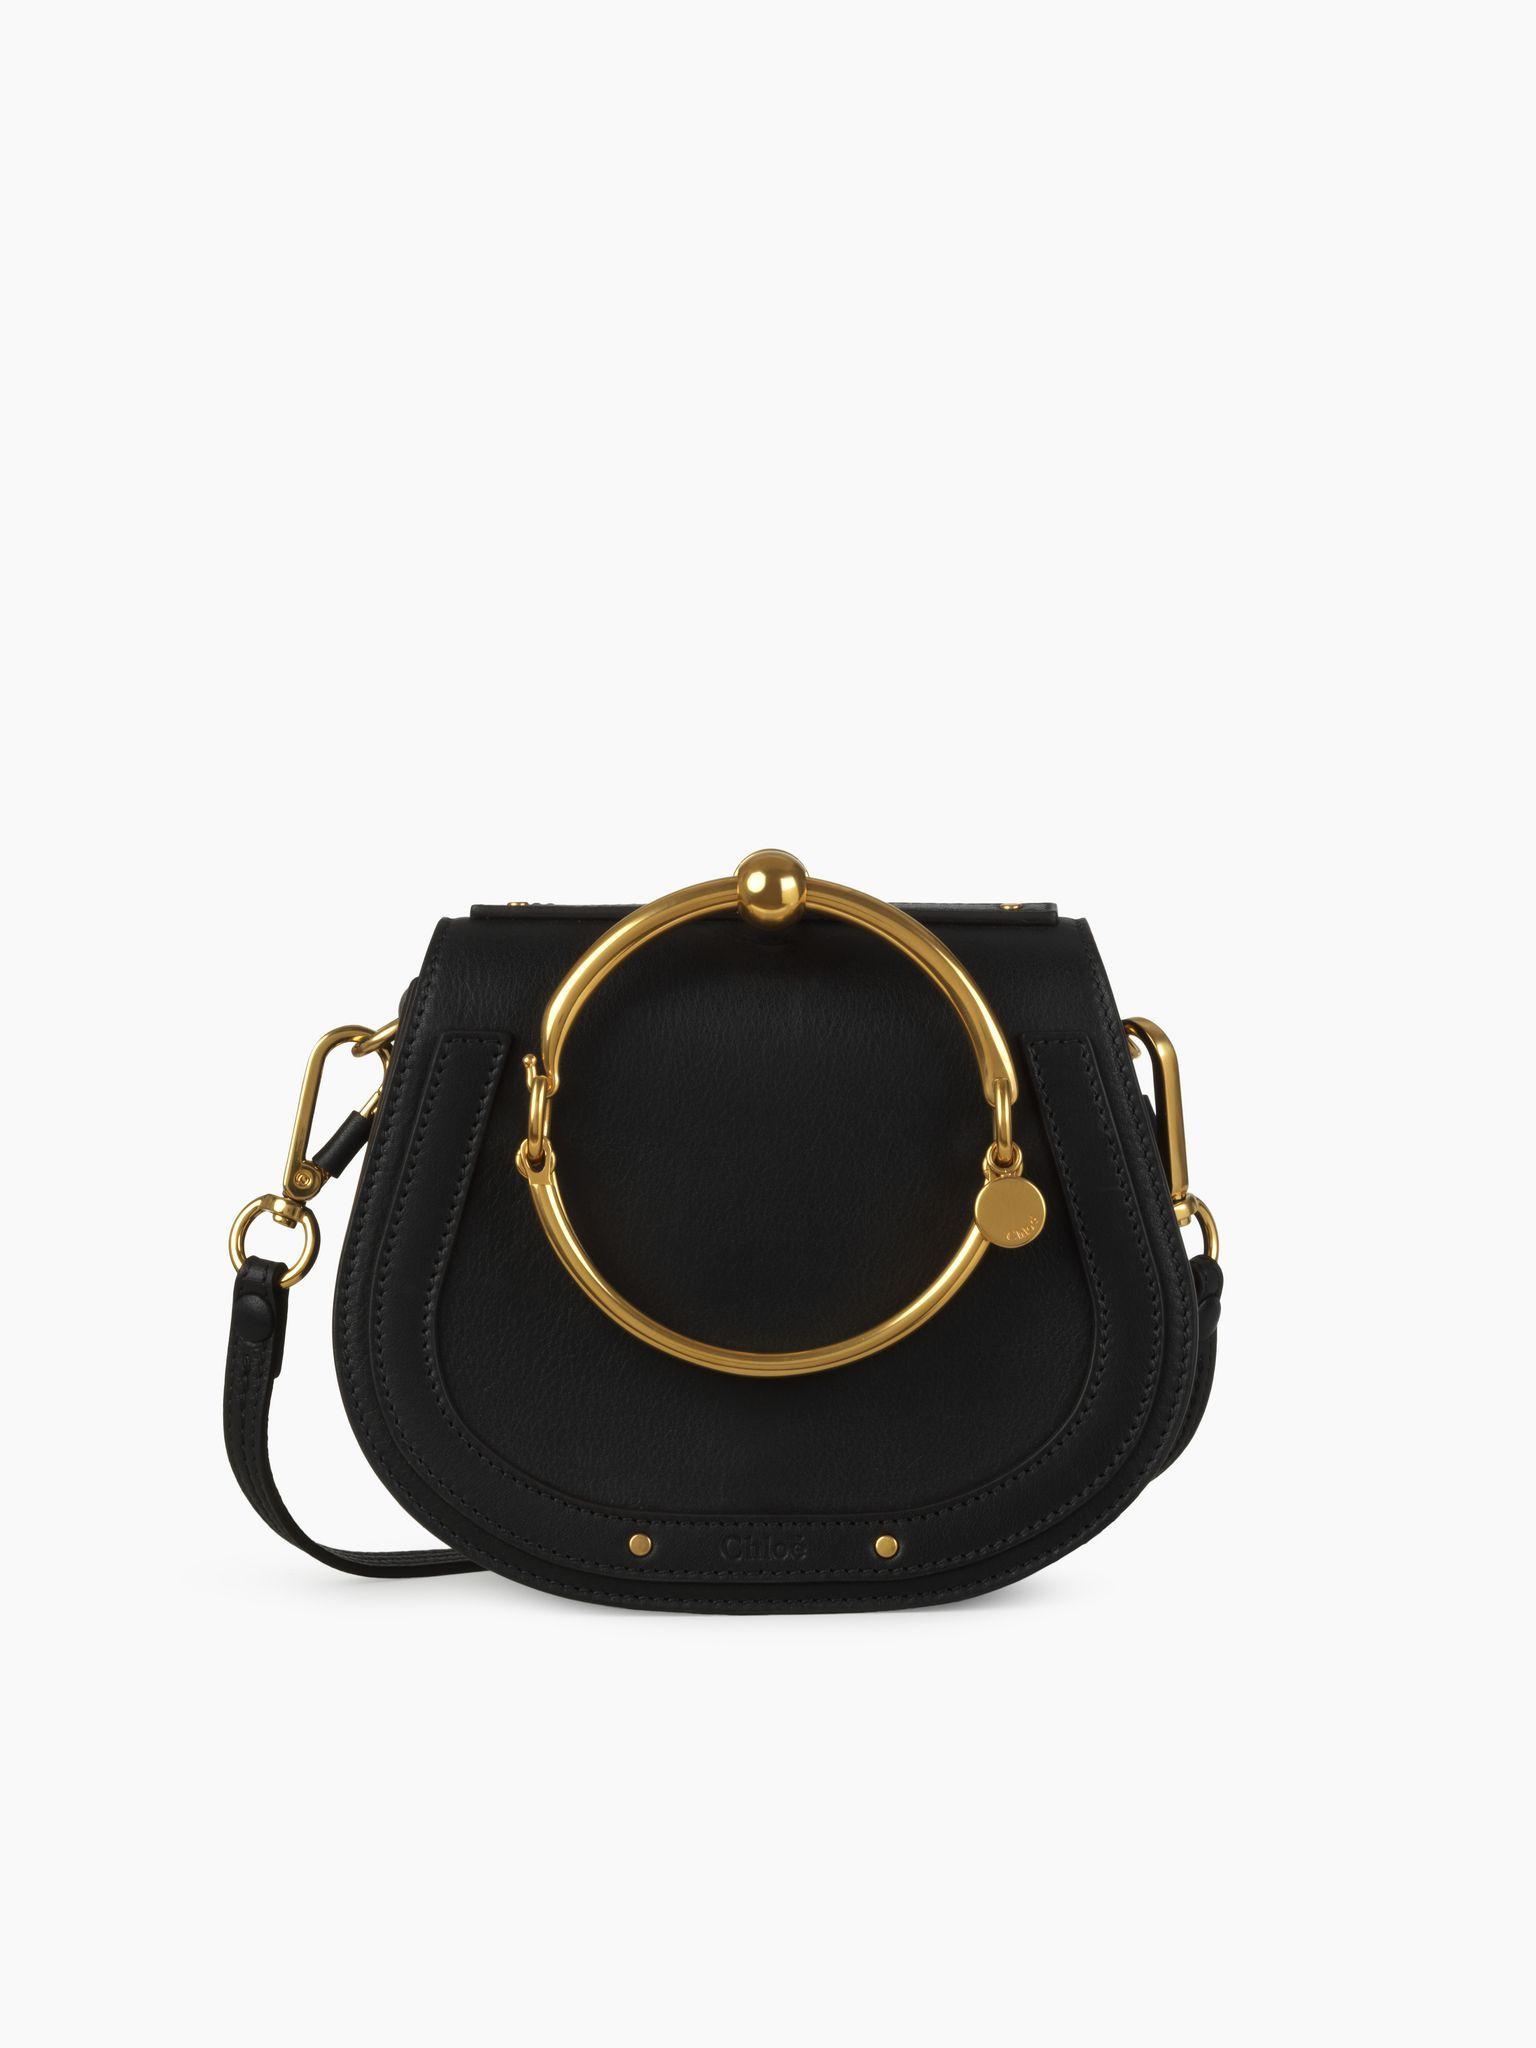 8e8cfc4093622 Chloé Small Nile Bracelet Bag, Women's Bags   Chloé Official Website    3S1301HEU